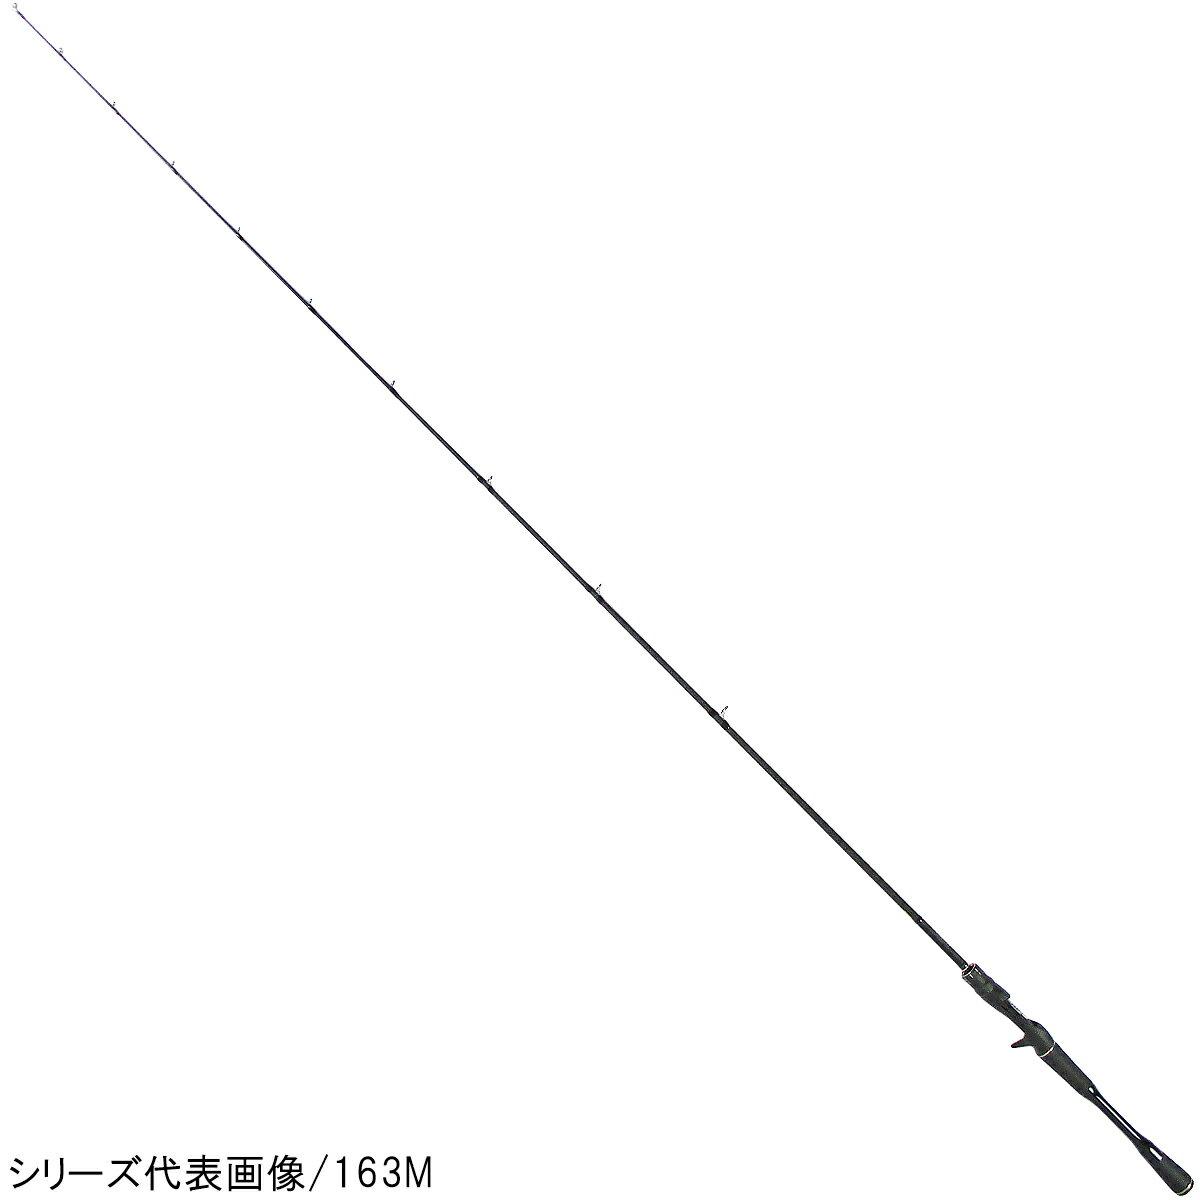 シマノ ポイズンアドレナ (ベイト) 1610M【大型商品】